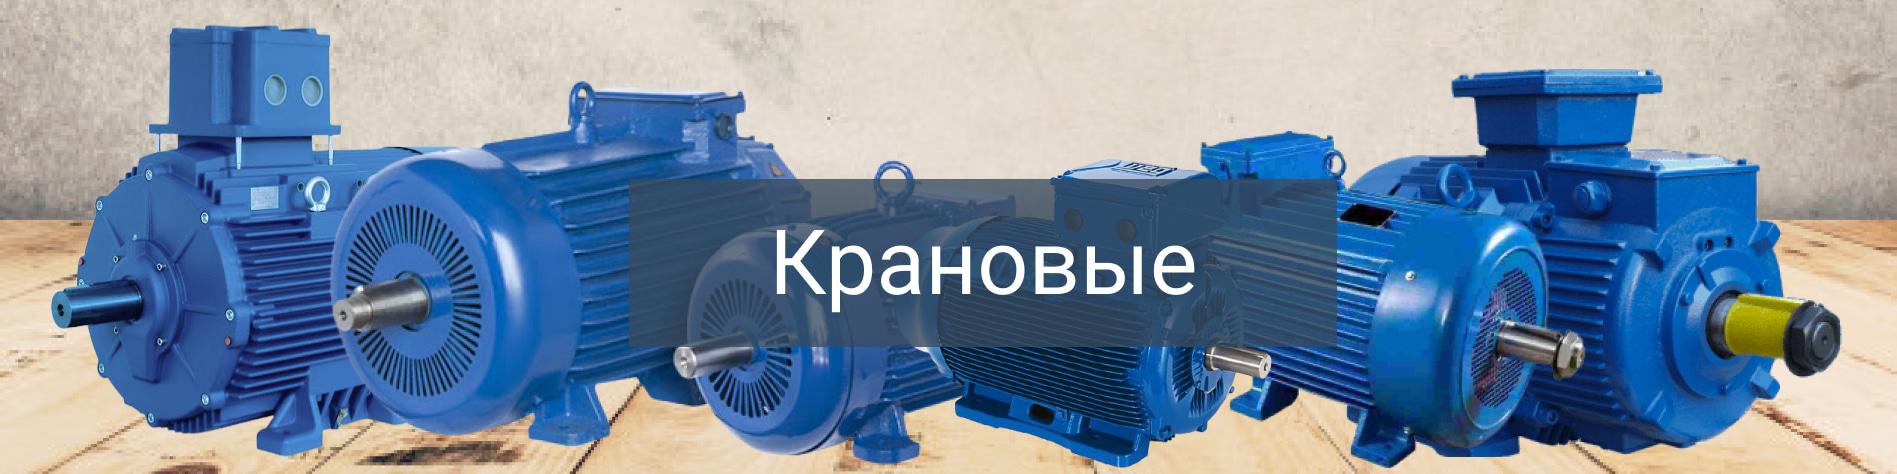 Крановые электродвигатели 11 кВт